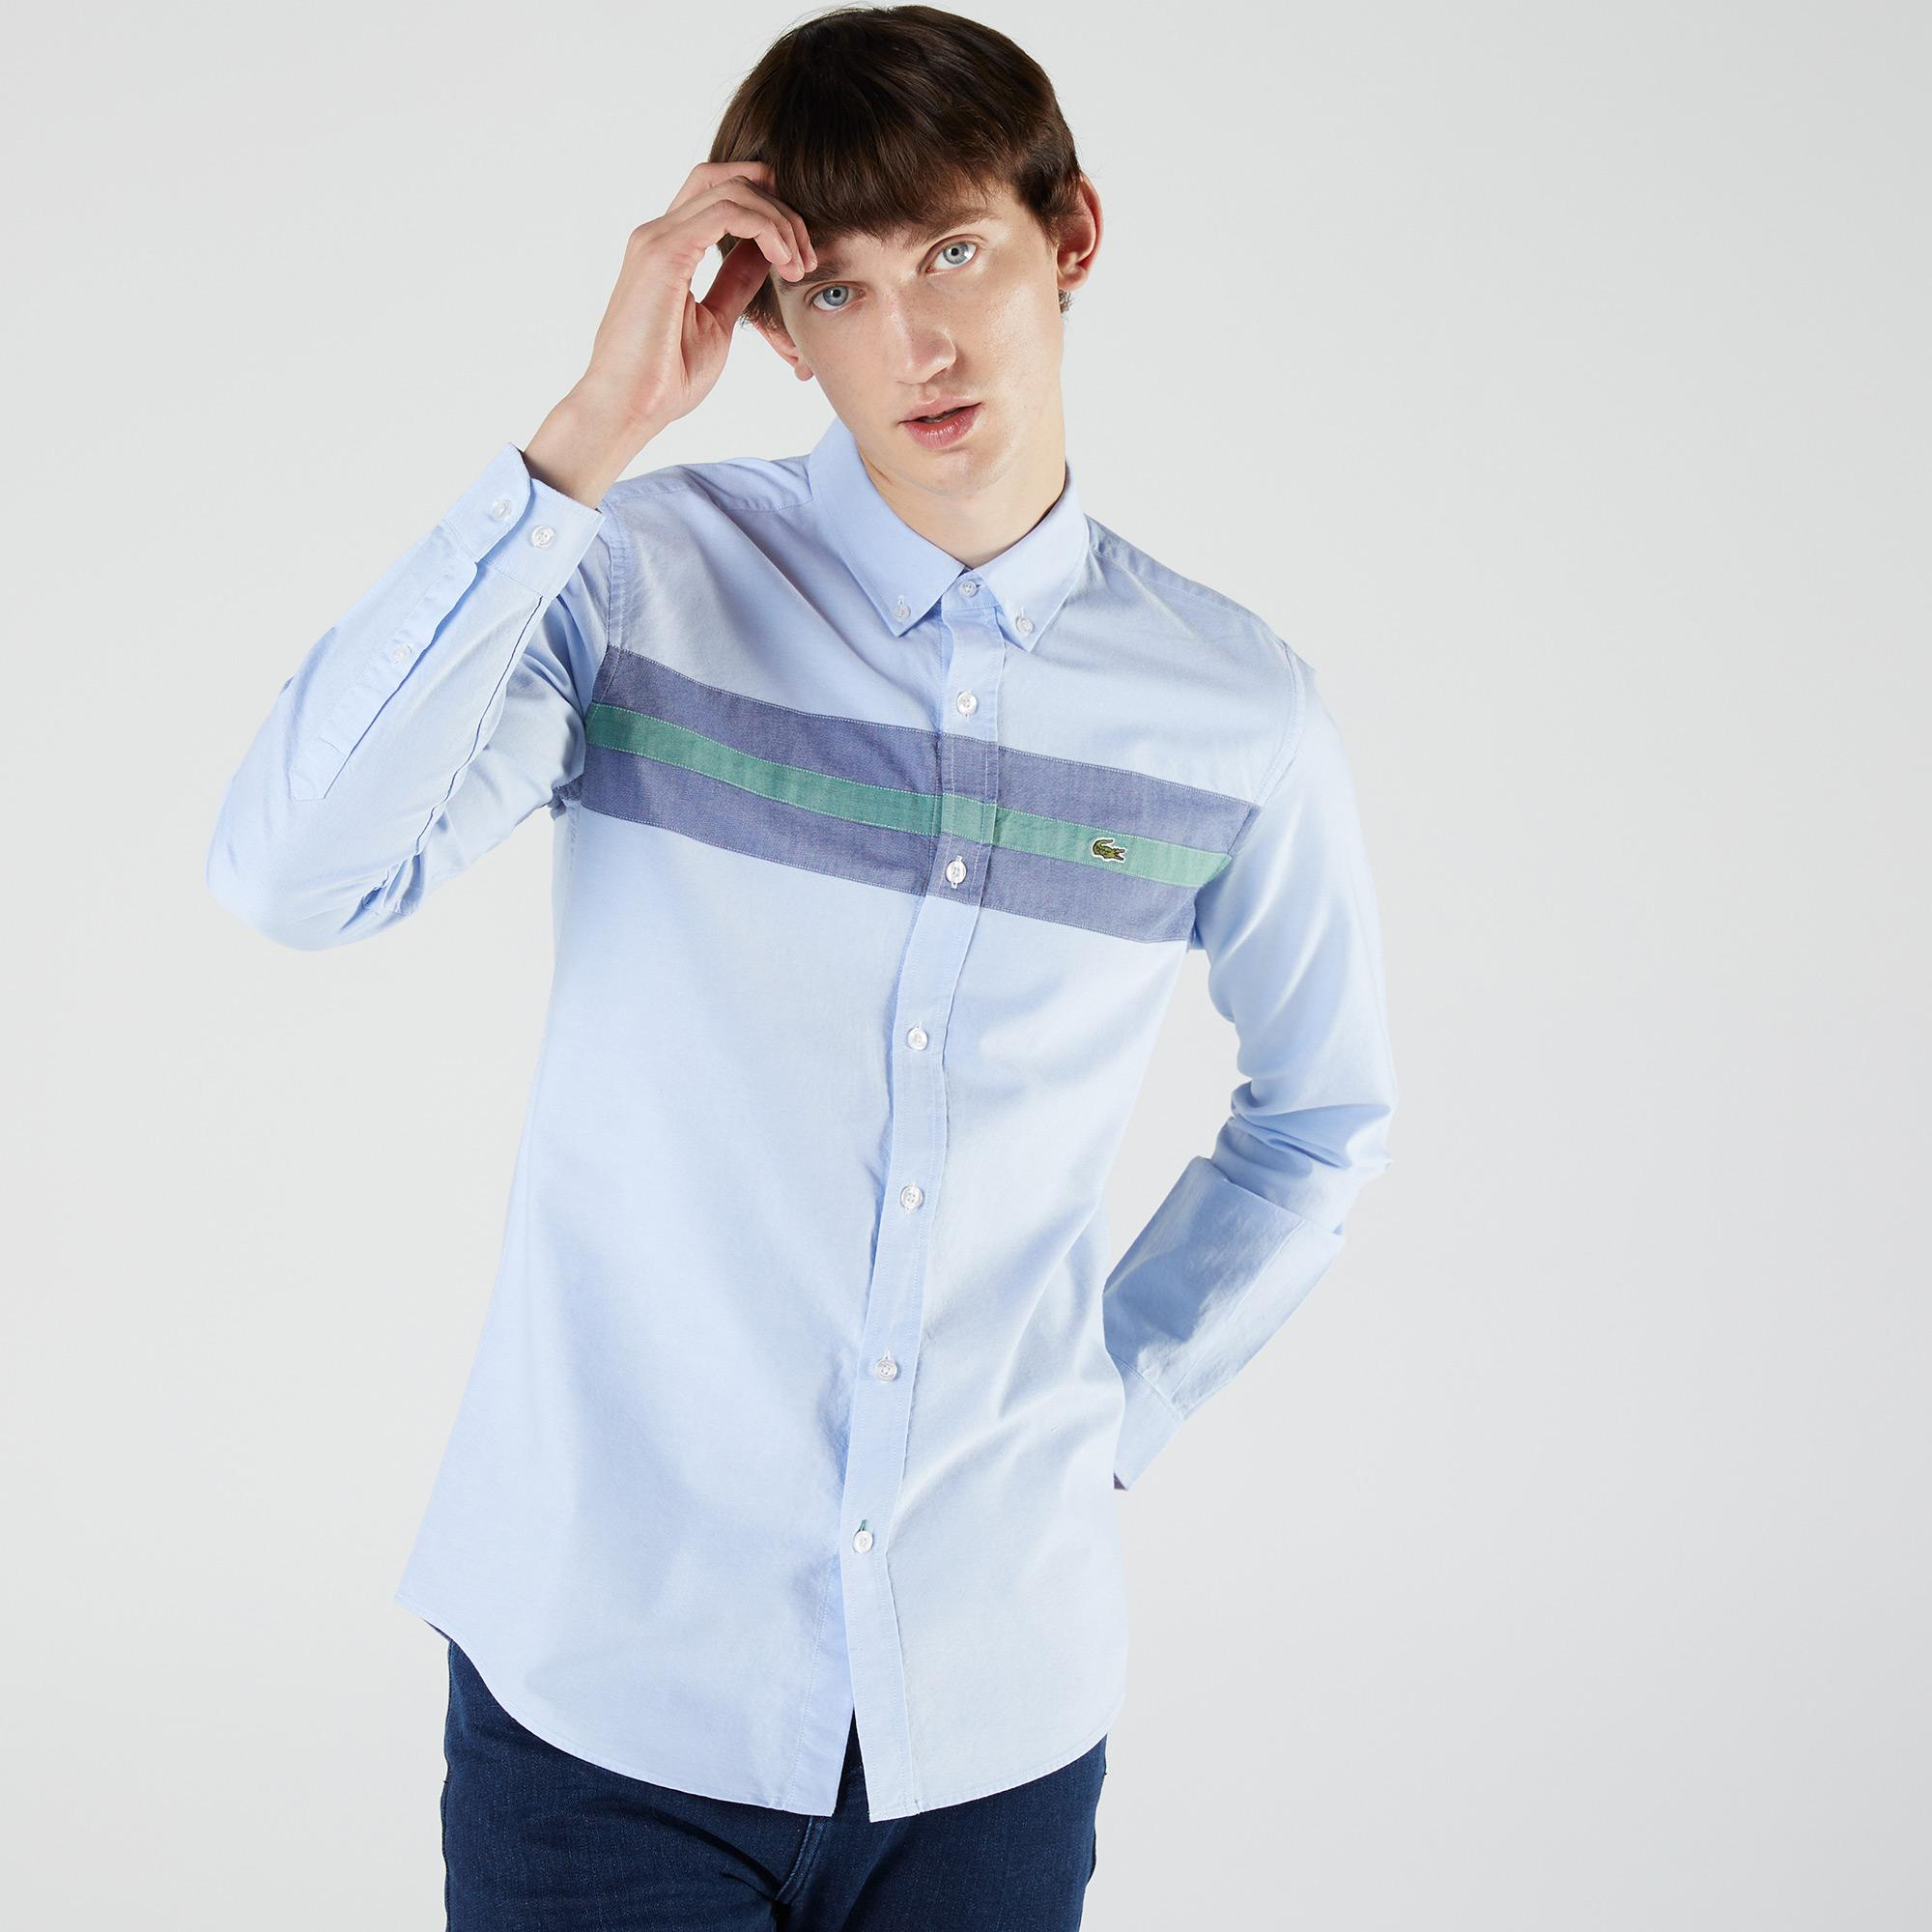 Lacoste Erkek Slim Fit Renk Bloklu Mavi Gömlek